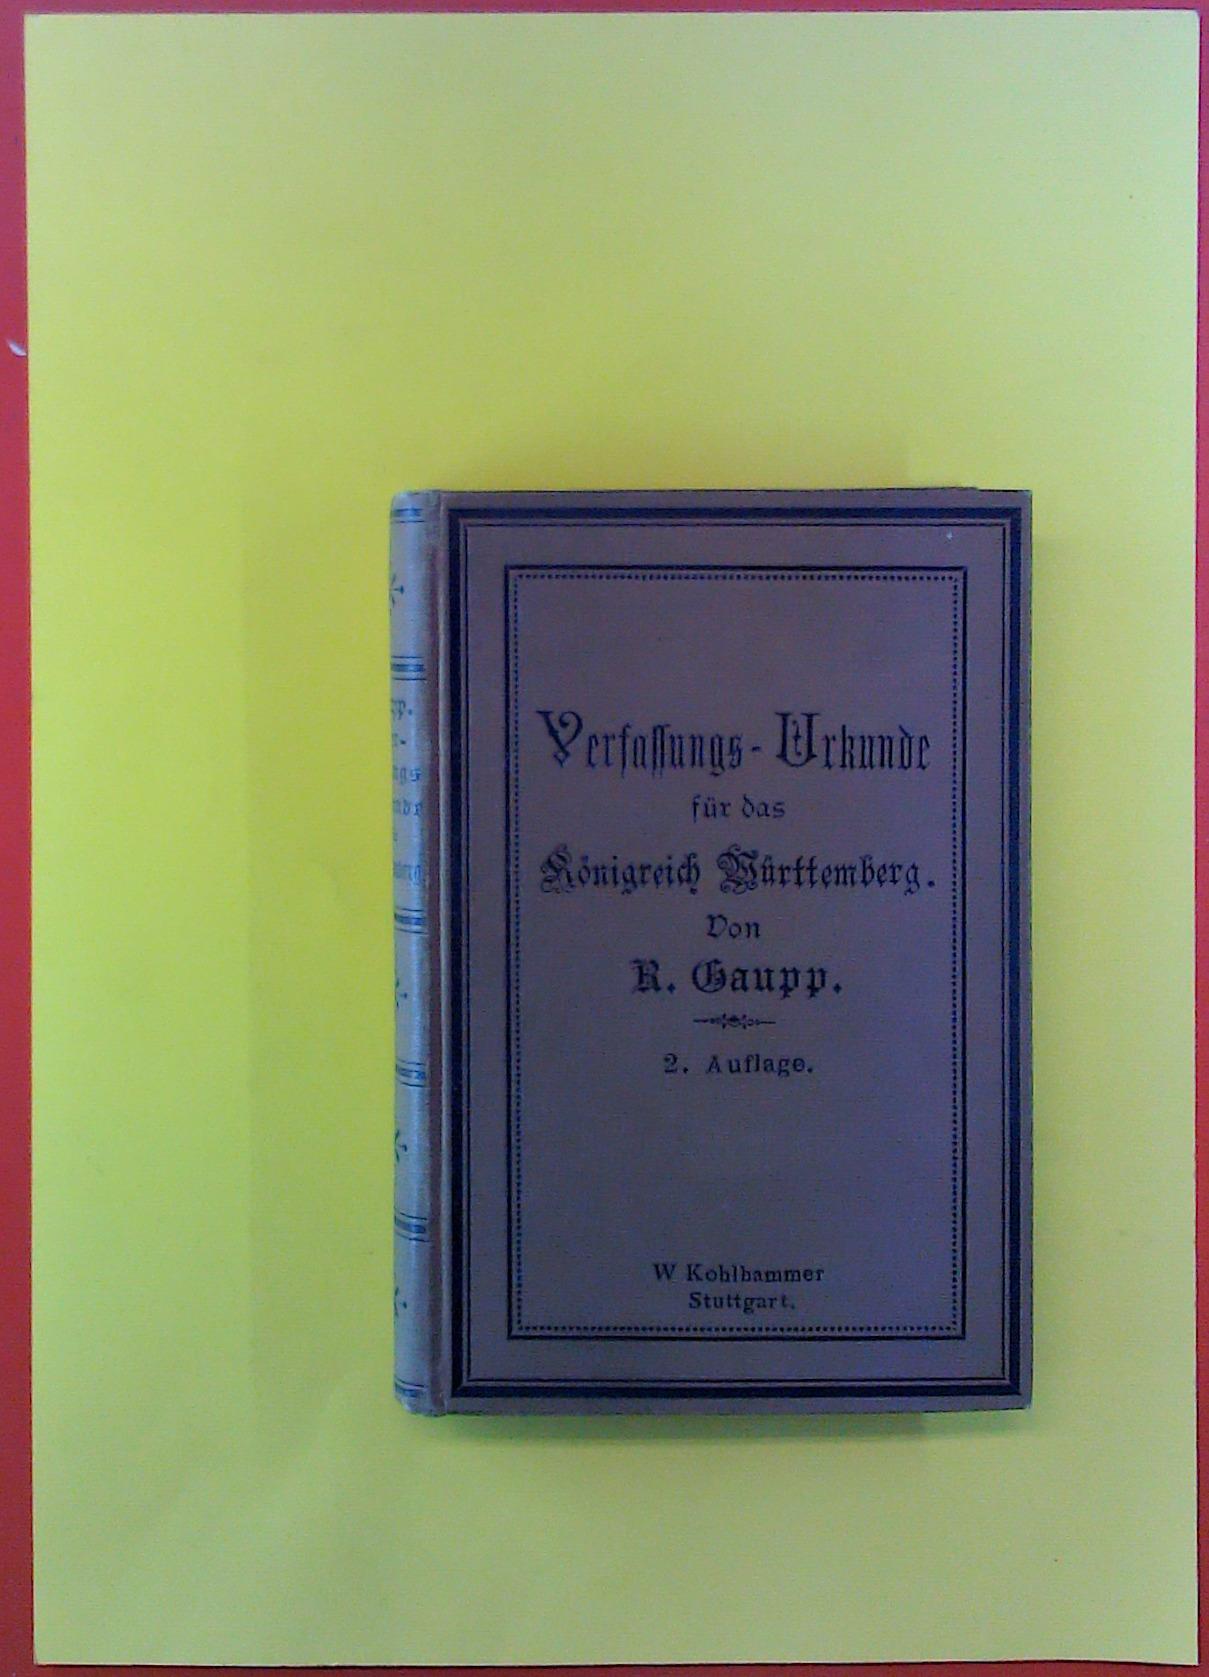 Verfassungs-Urkunde für das Königreich Württemberg vom 25.: R. Gaupp